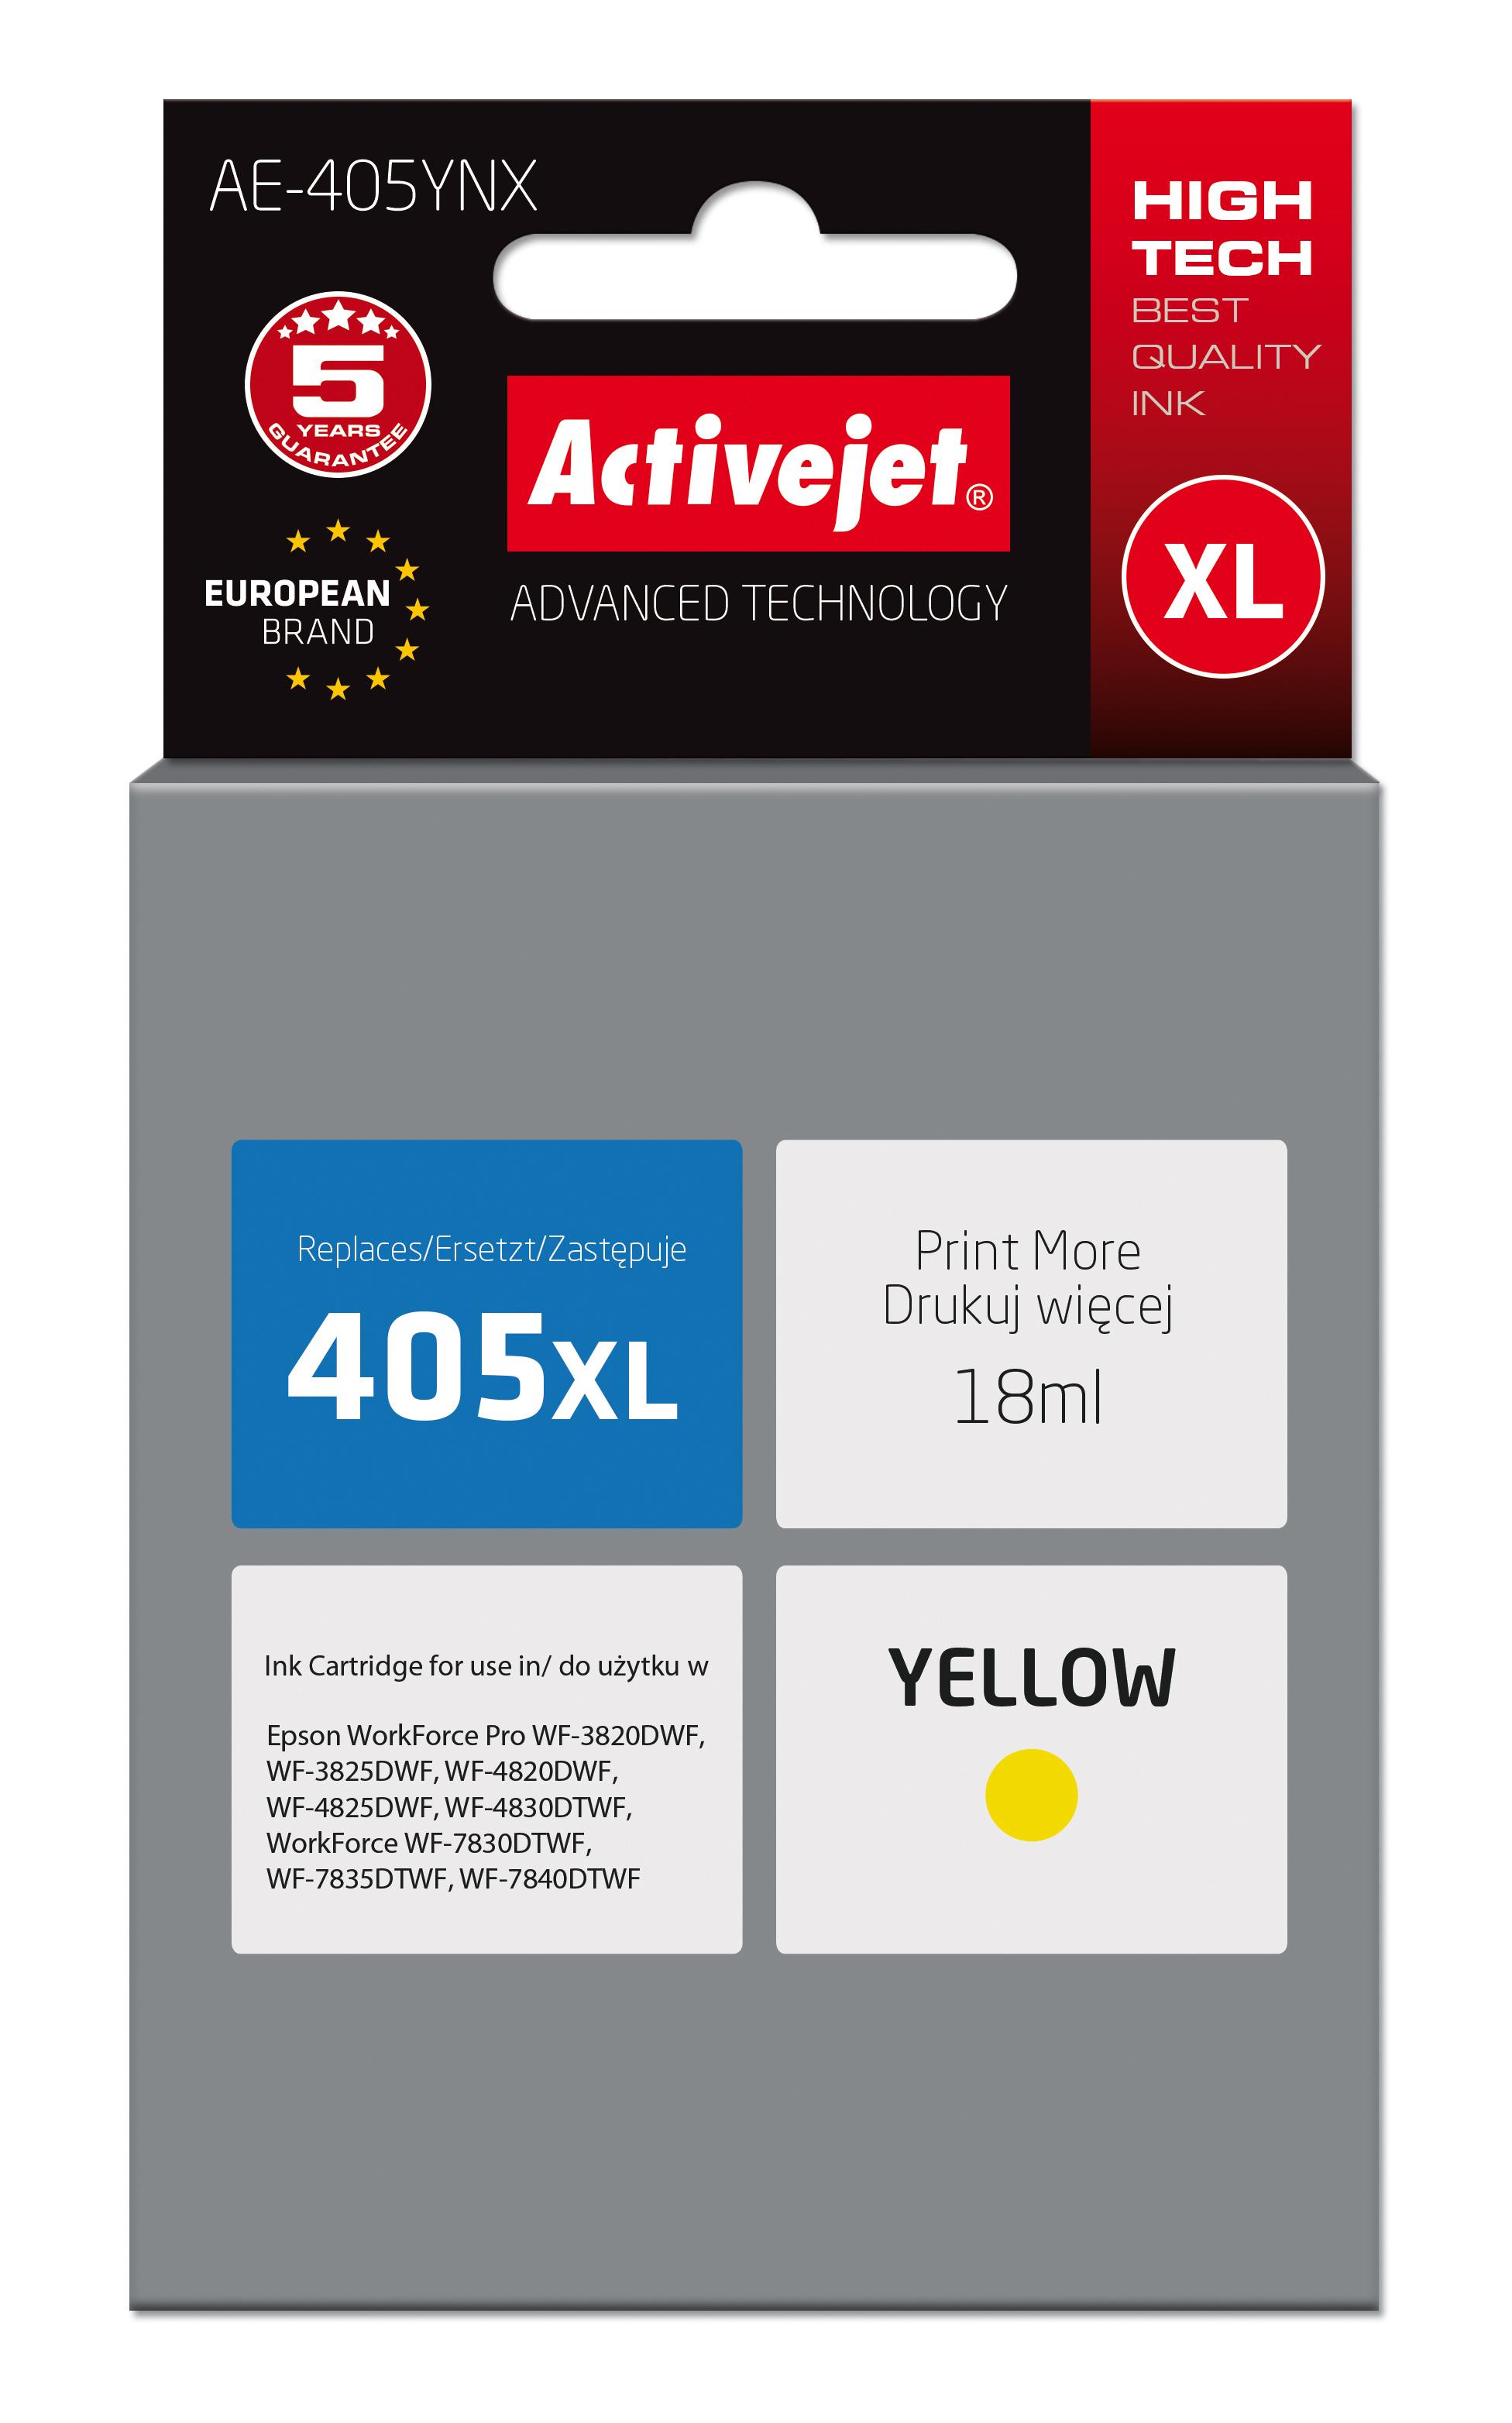 Tusz Activejet AE-405YNX do drukarki Epson, Zamiennik Epson 405XL C13T05H44010;  Supreme; 18 ml; żółty.